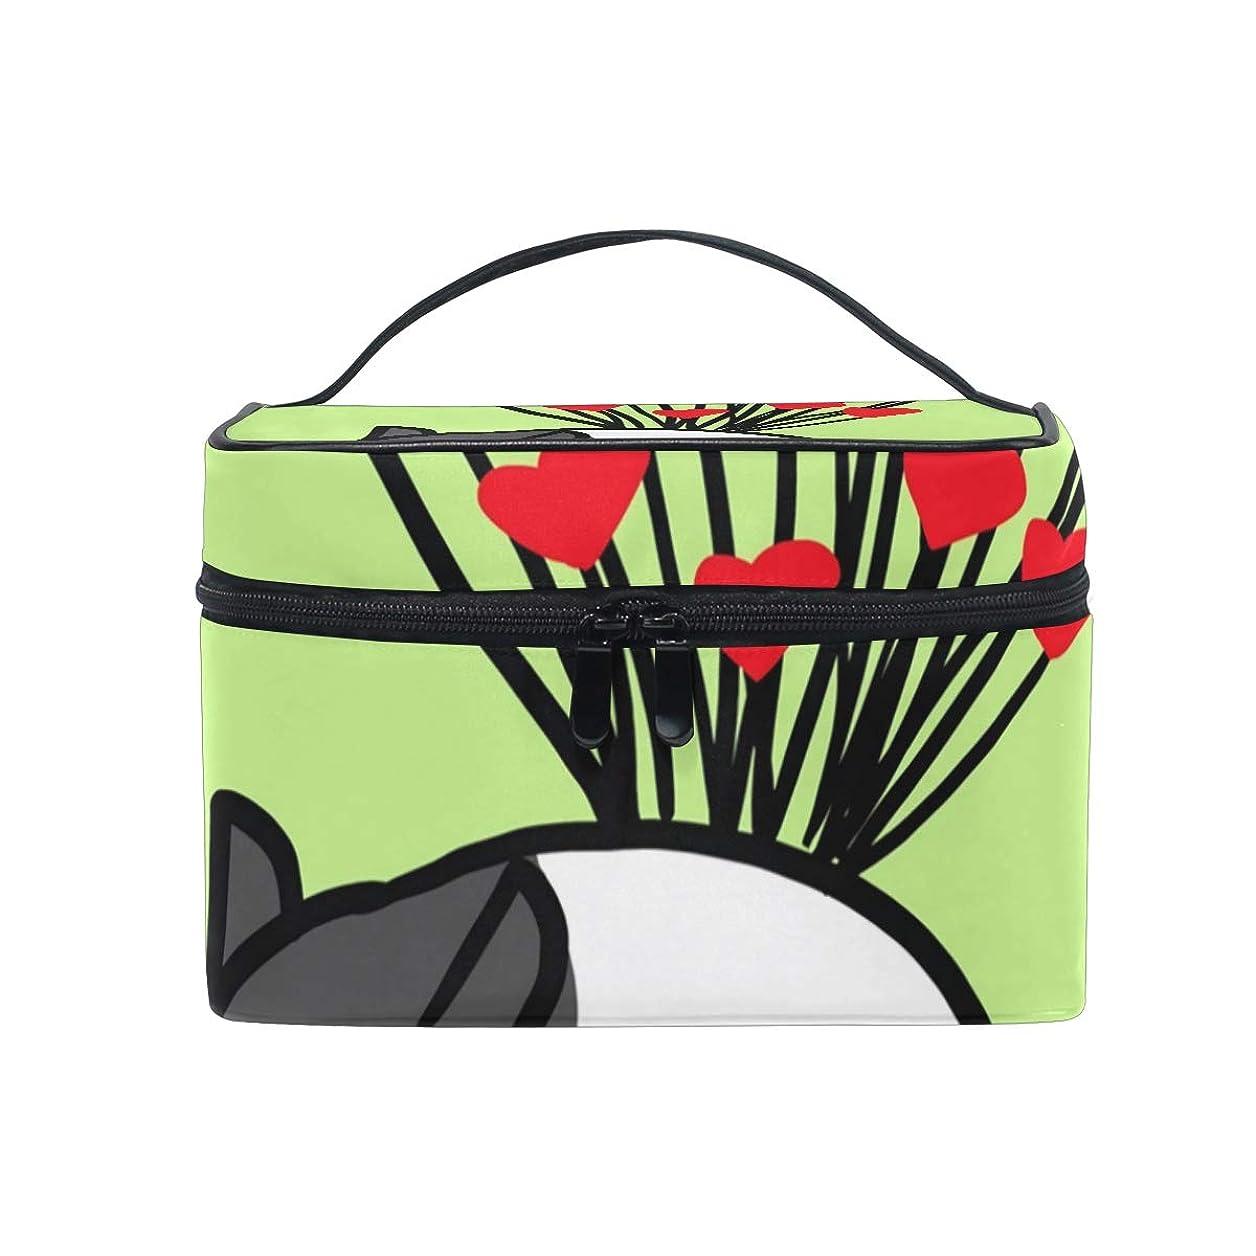 冗談で特別に疑い者メイクボックス Tapir柄 化粧ポーチ 化粧品 化粧道具 小物入れ メイクブラシバッグ 大容量 旅行用 収納ケース